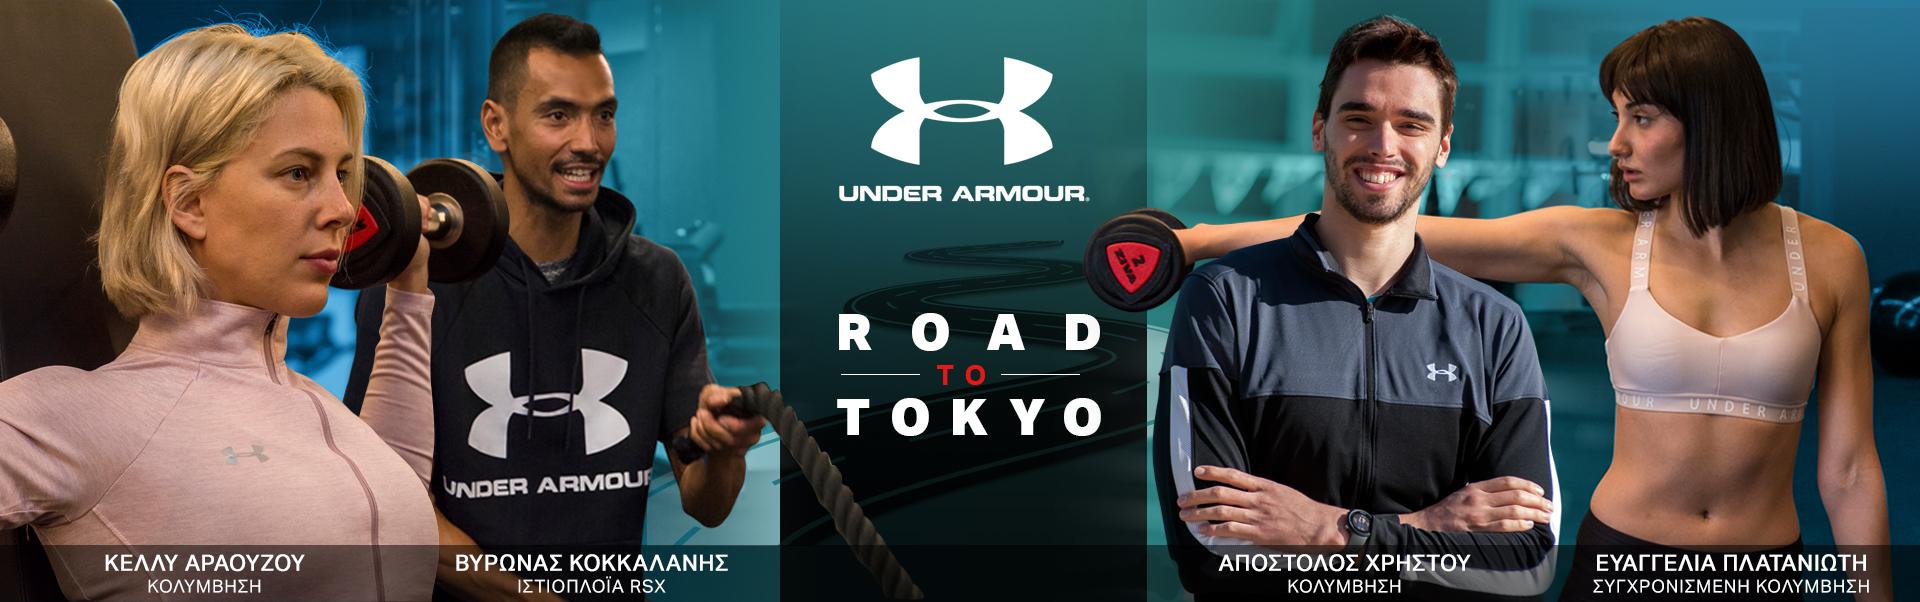 The road to tokio